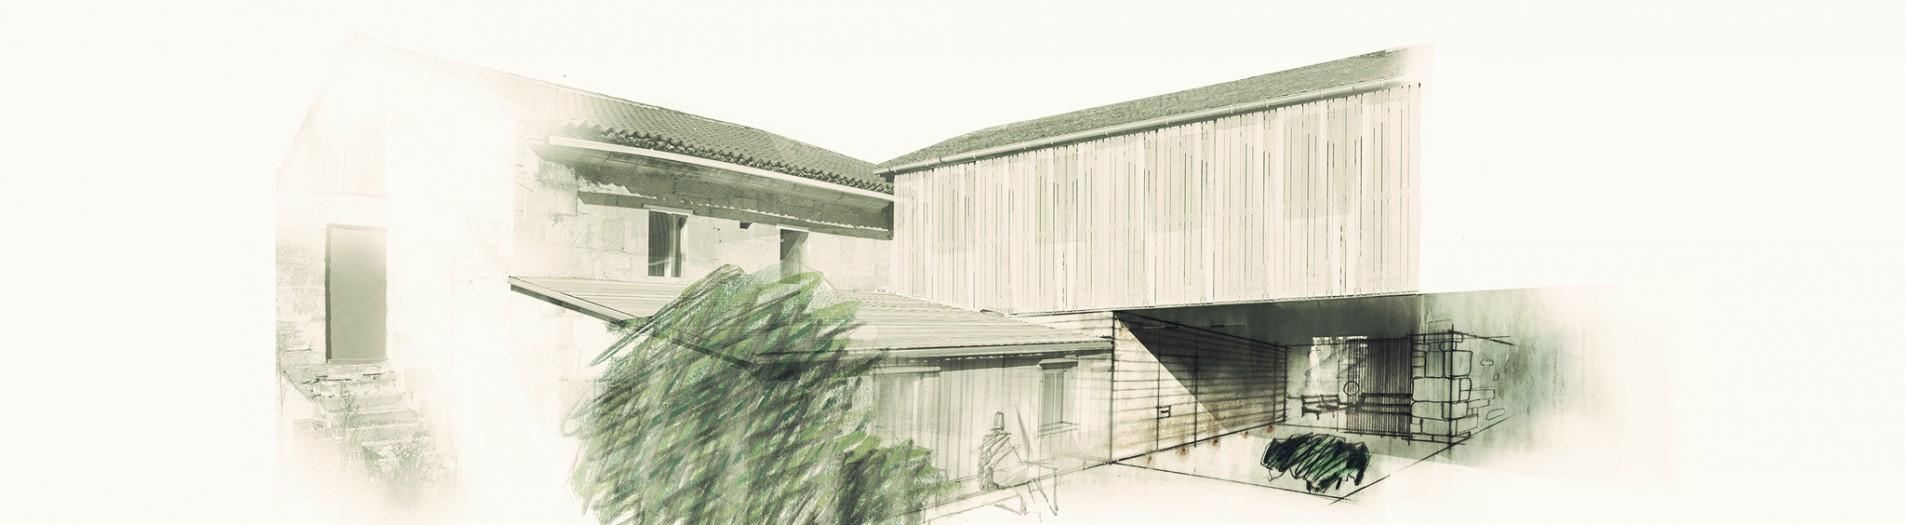 BOUZAS HOUSE